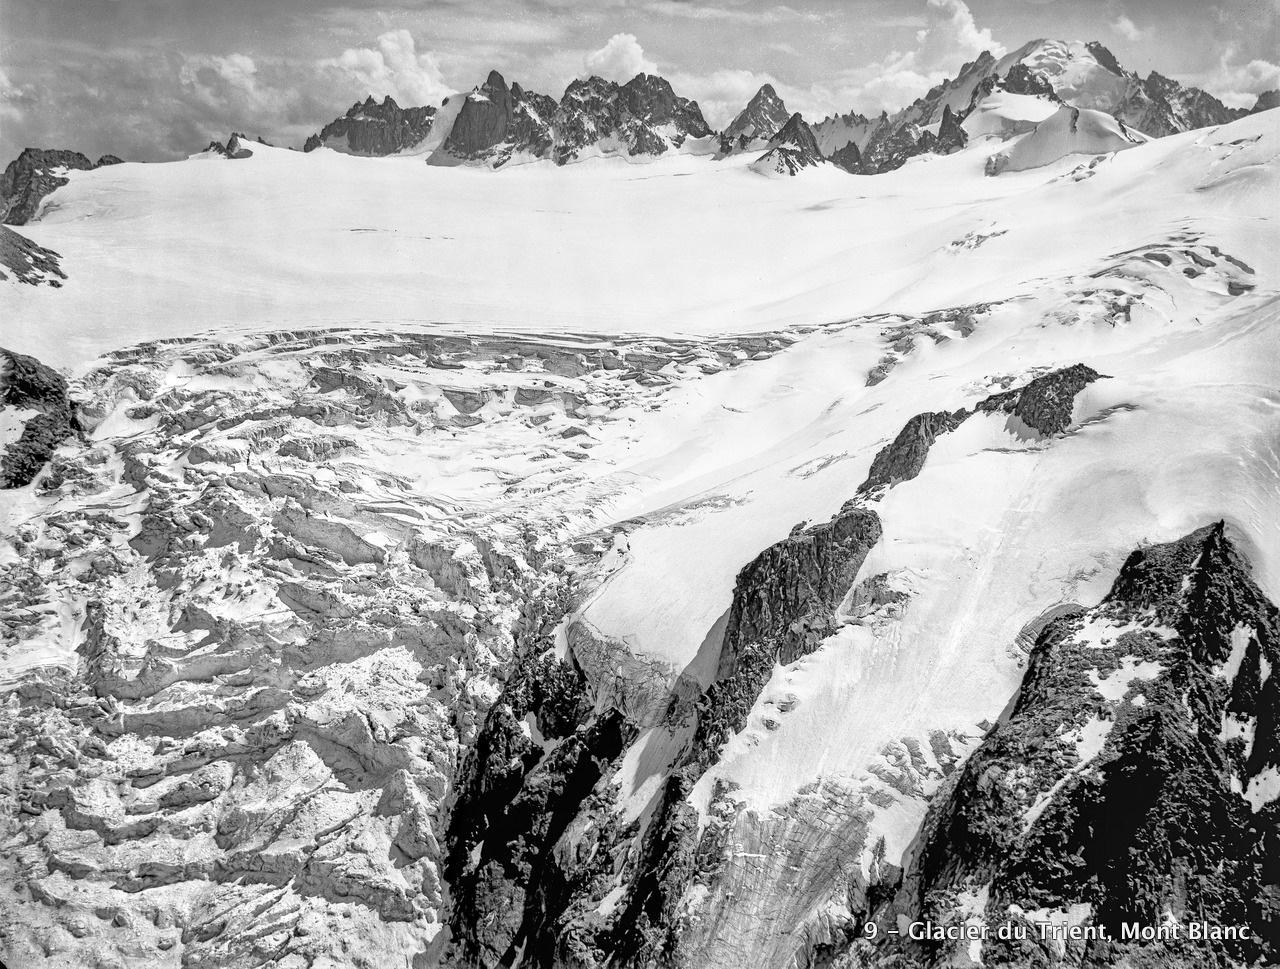 CH-NB_-_Glacier_du_Trient,_Mont-Blanc-Gruppe_-_Eduard_Spelterini_-_EAD-WEHR-32073-B.tif